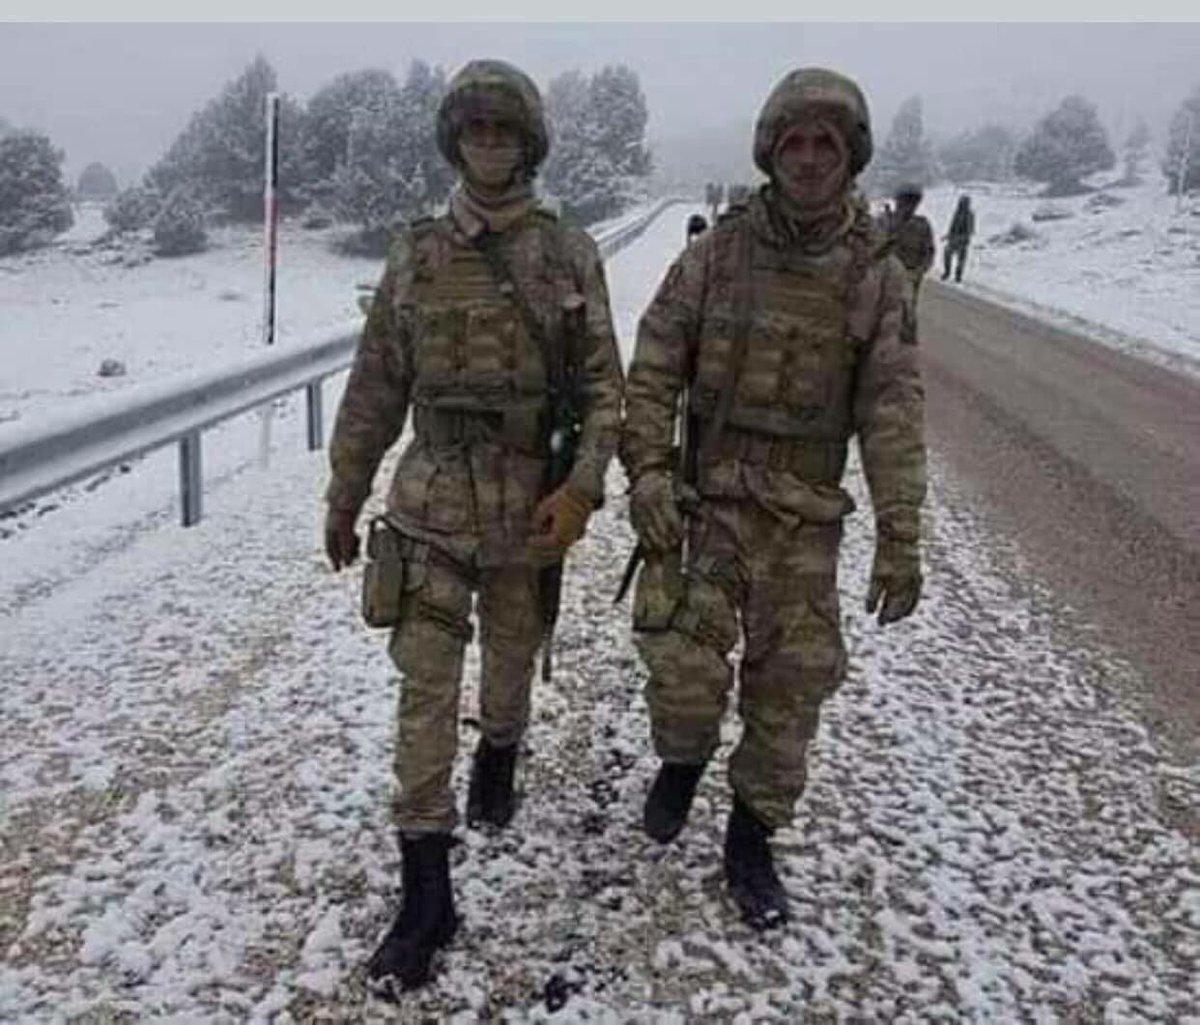 تركيا تخرج أوّل دفعة ضباط صف في الصومال من قاعدتها العسكرية DvR2g94X4AIkjX7